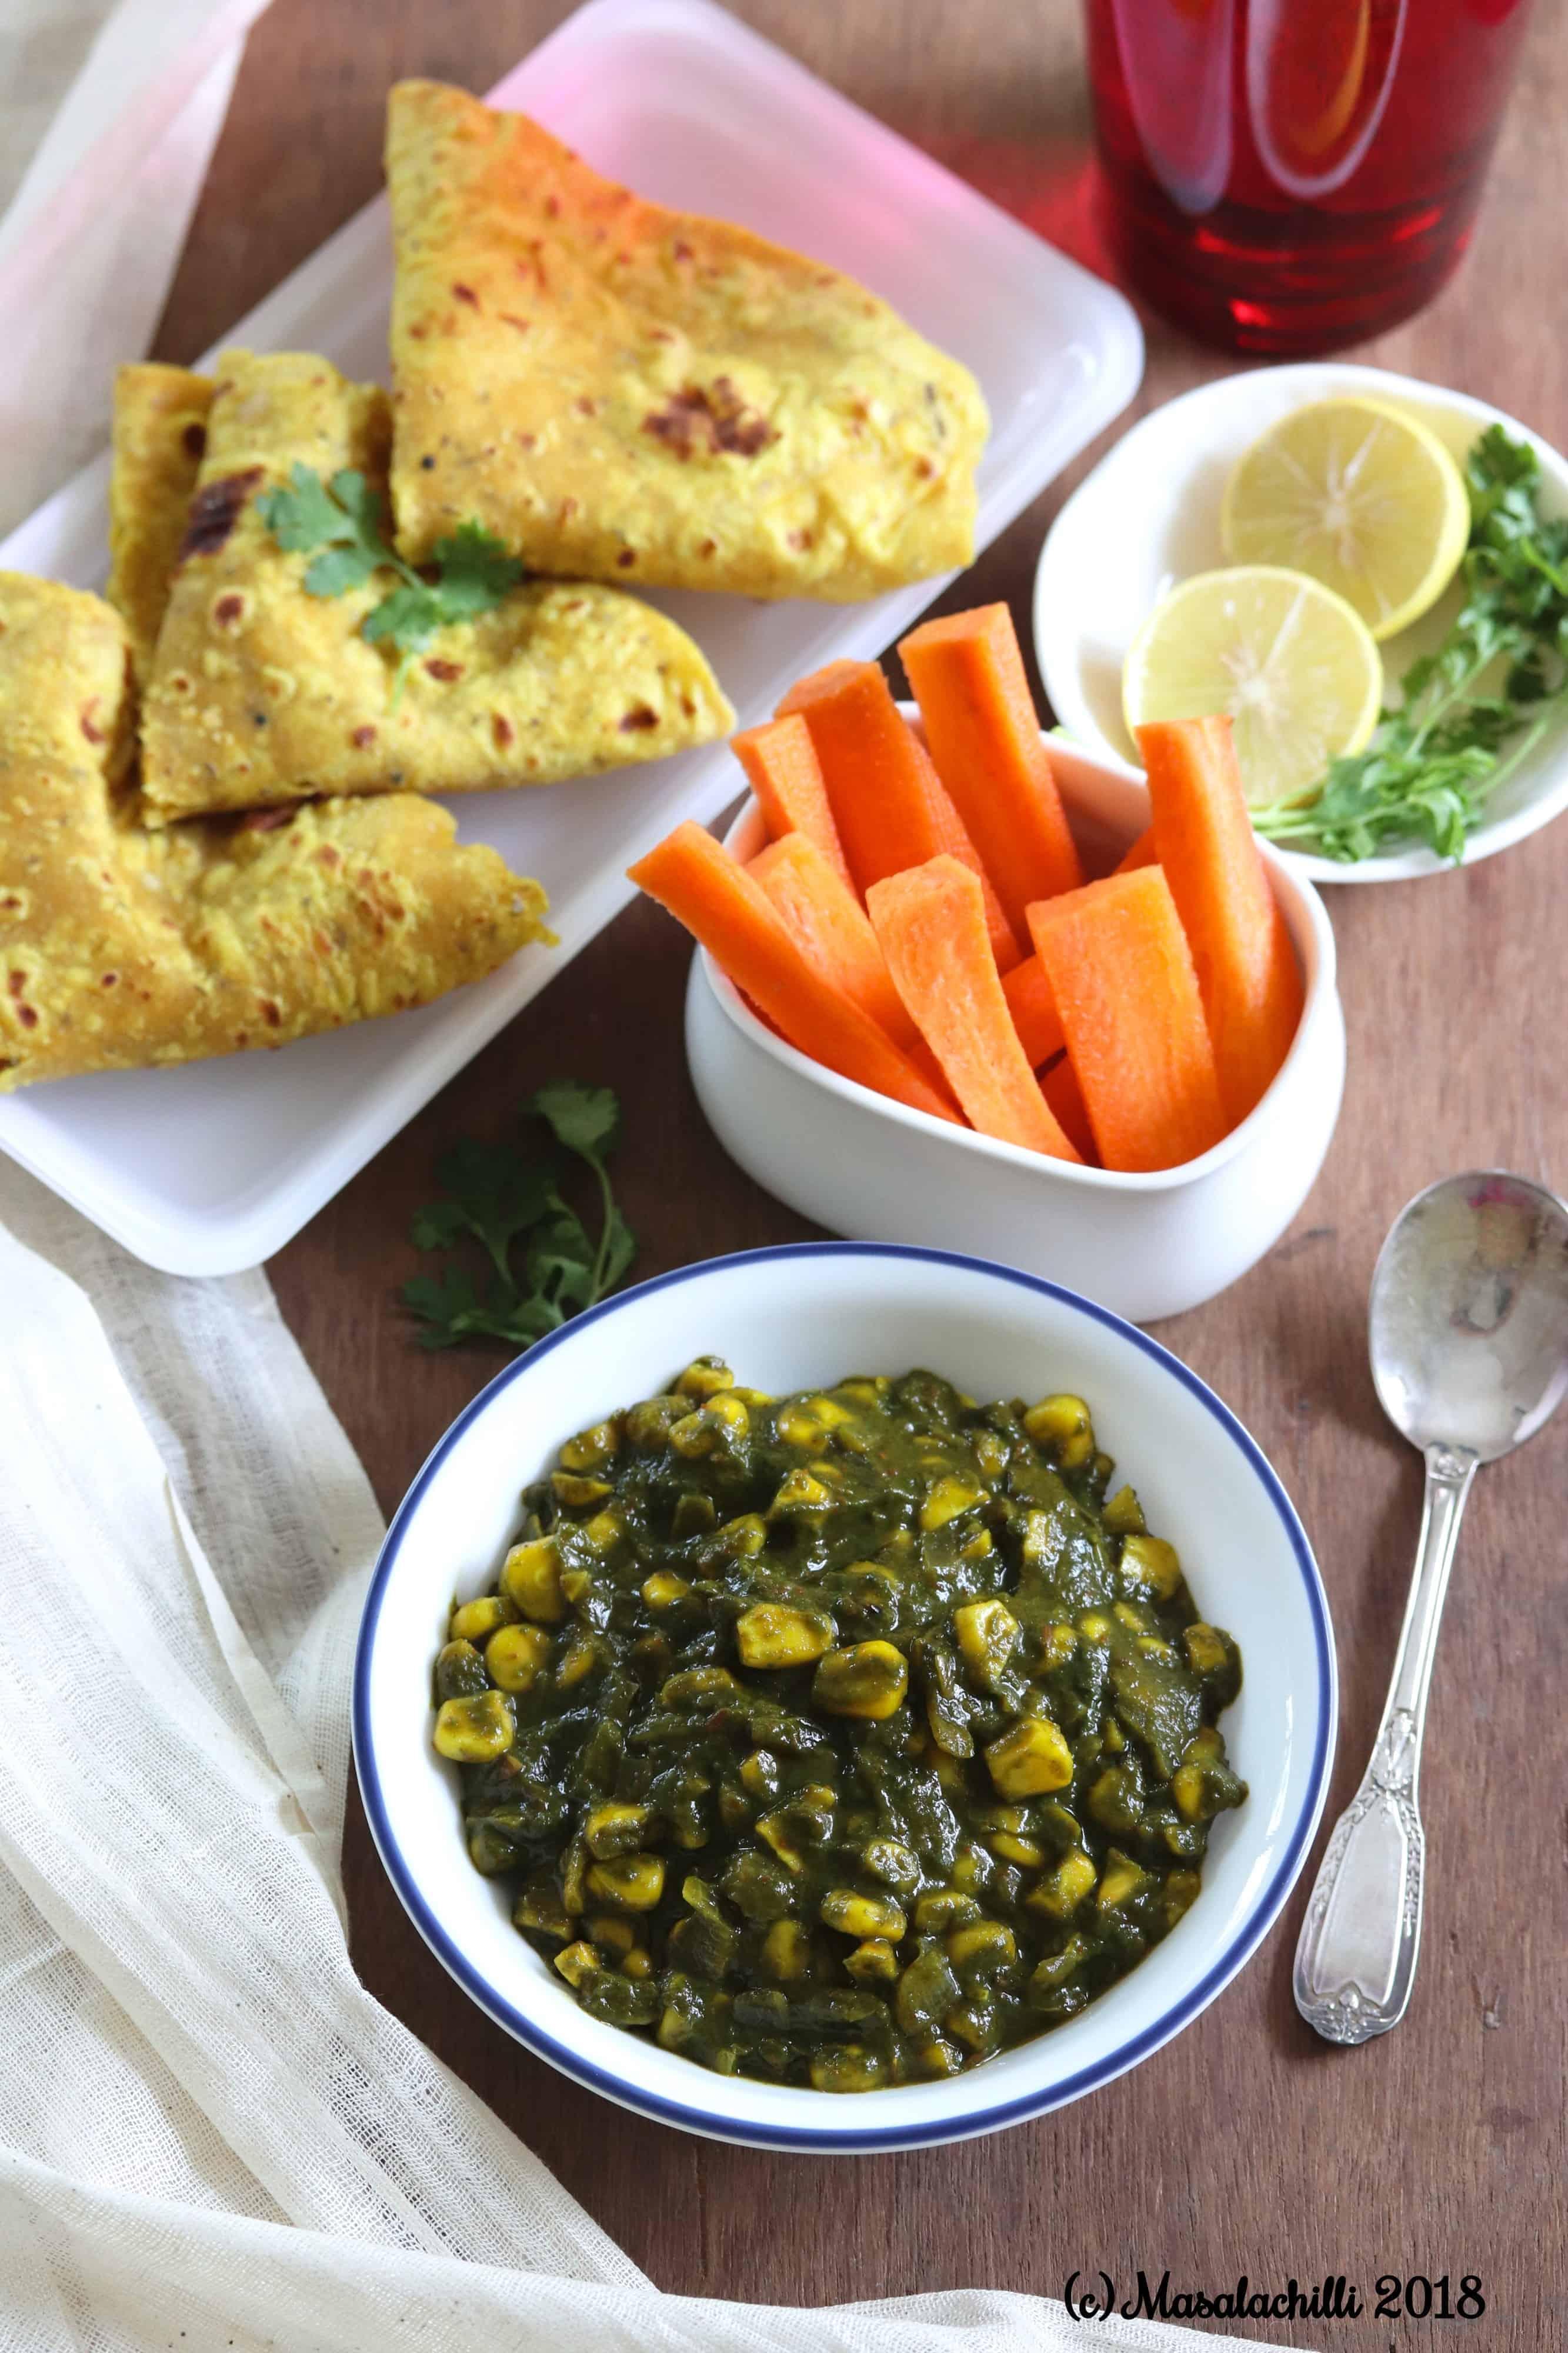 Bhutte aur Palak Ki Sabzi (Spinach and Corn Veg)